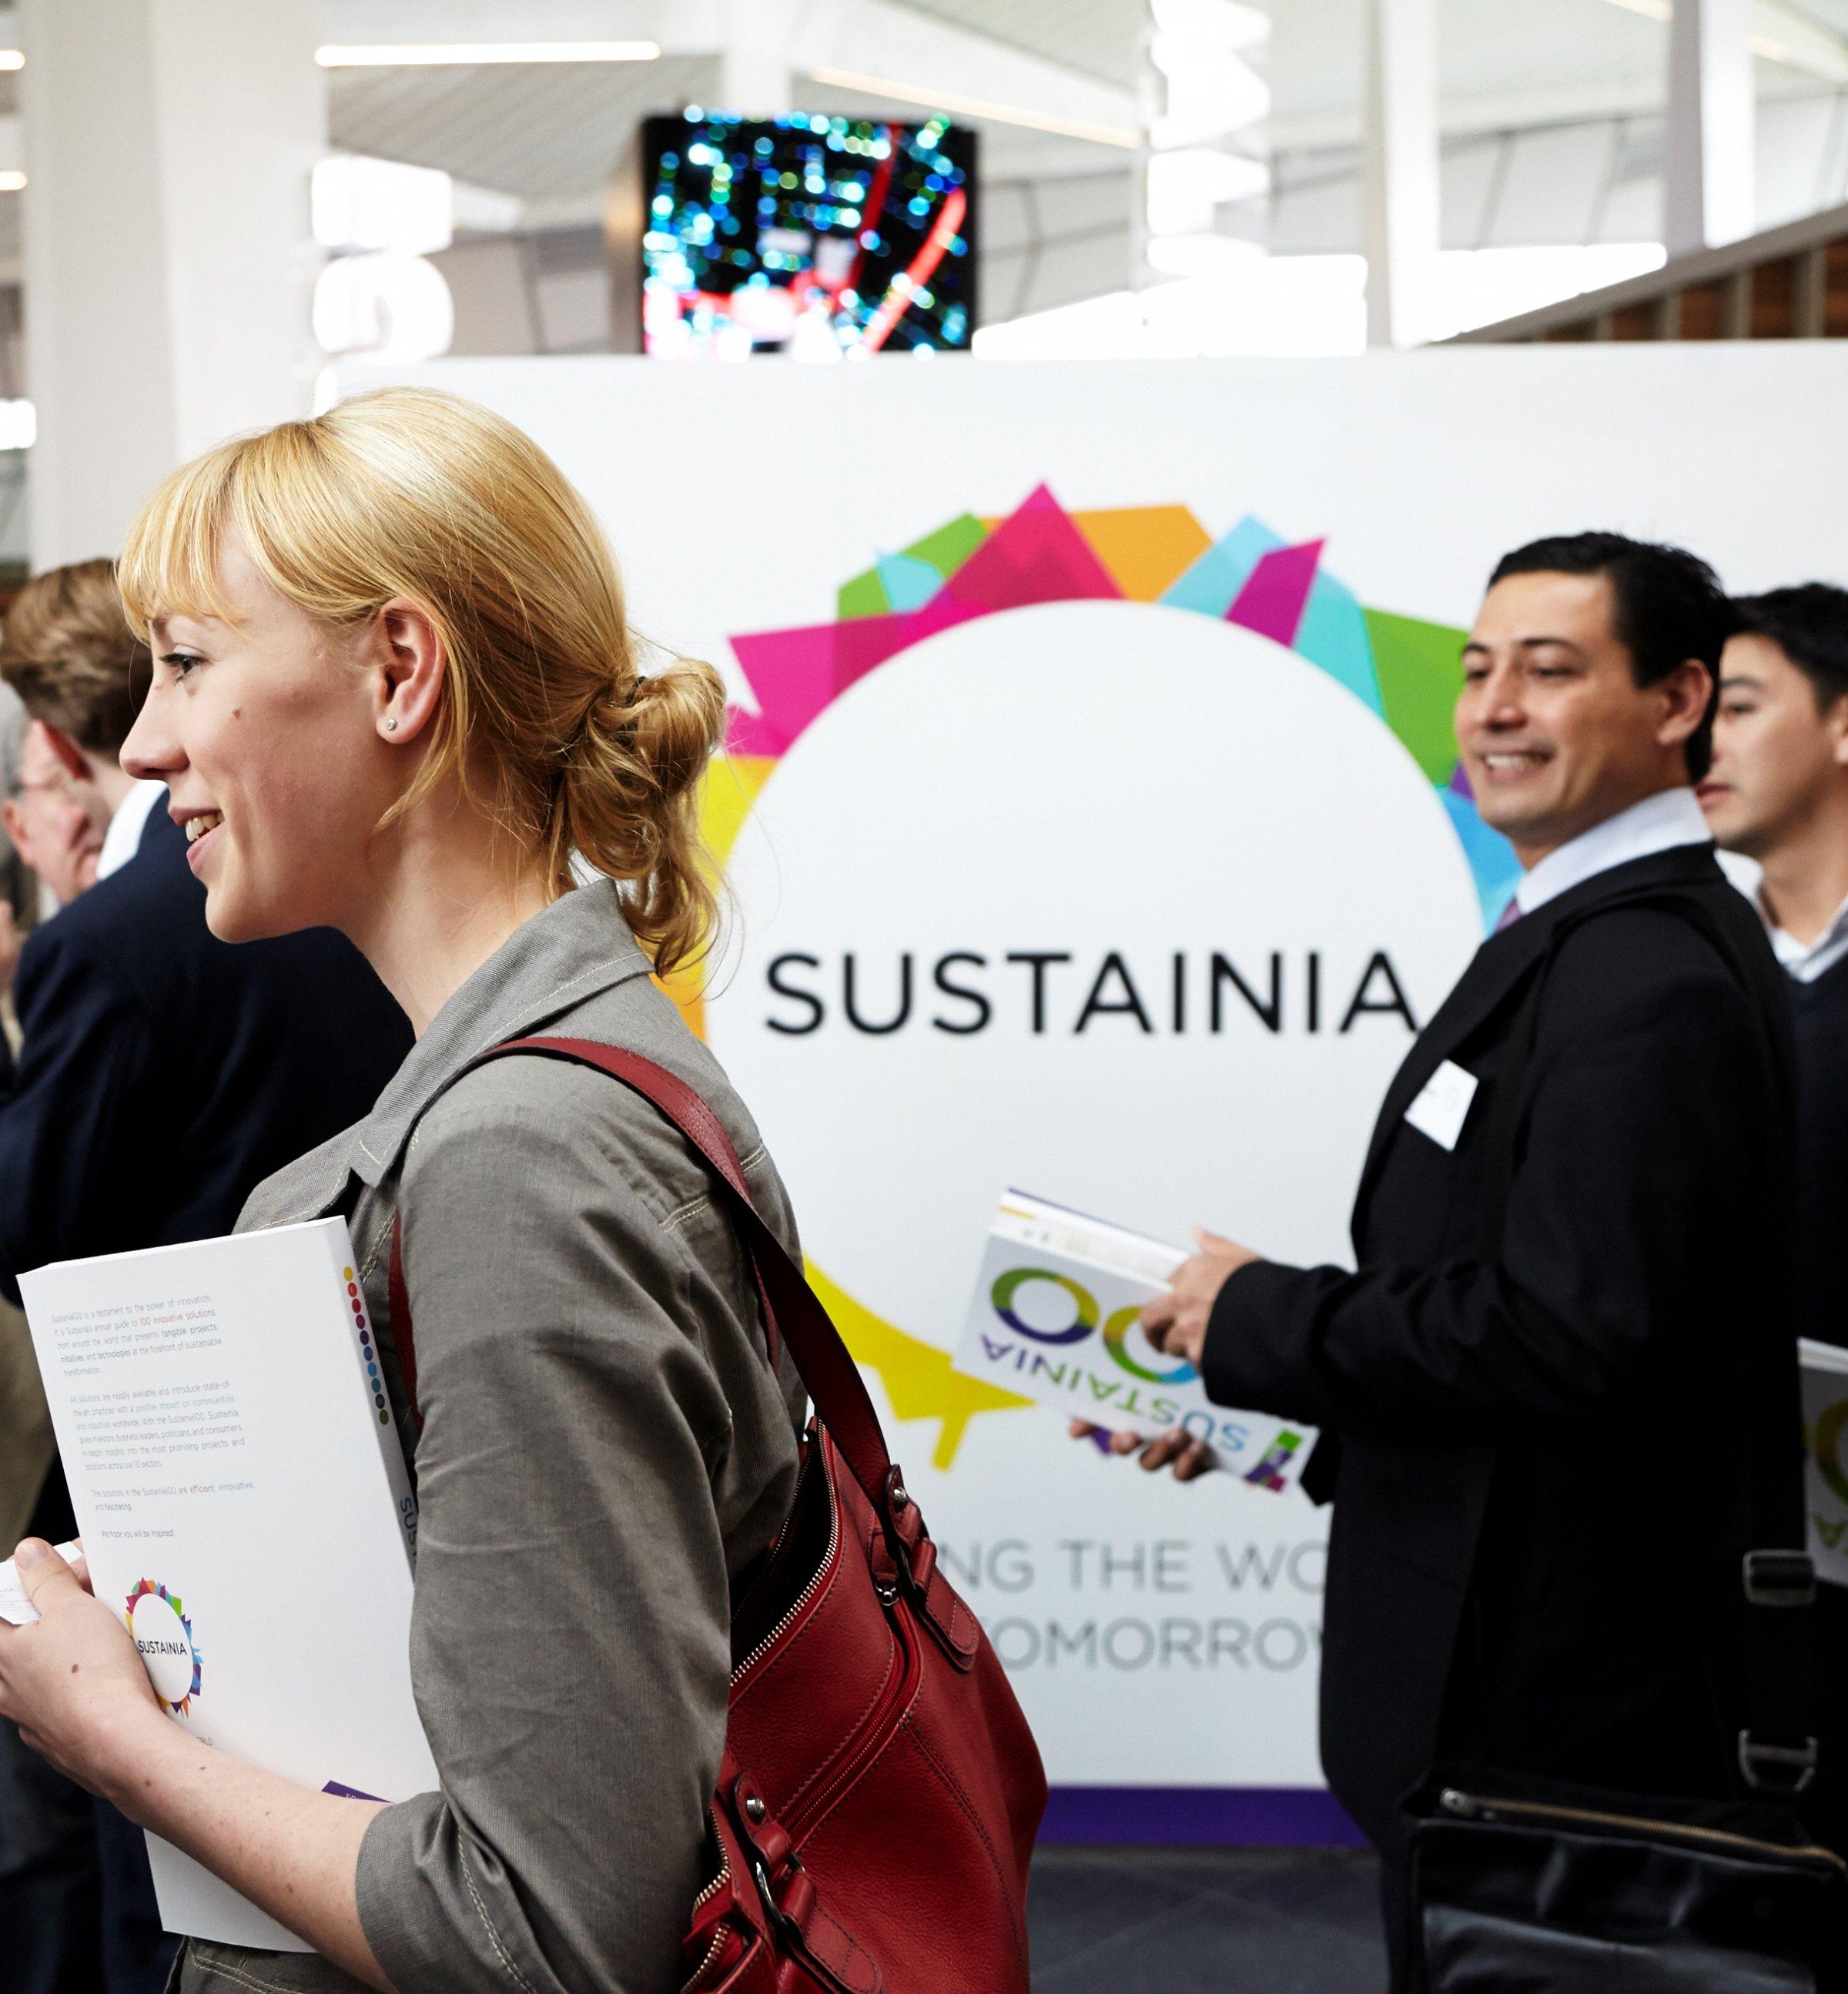 829dcbcfa13 Mandag Morgen står bag den internationale grønne pris Sustainia Award, hvor  det danske tøjfirma Neutral er nomineret. Den endelige vinder afsløres ved  en ...